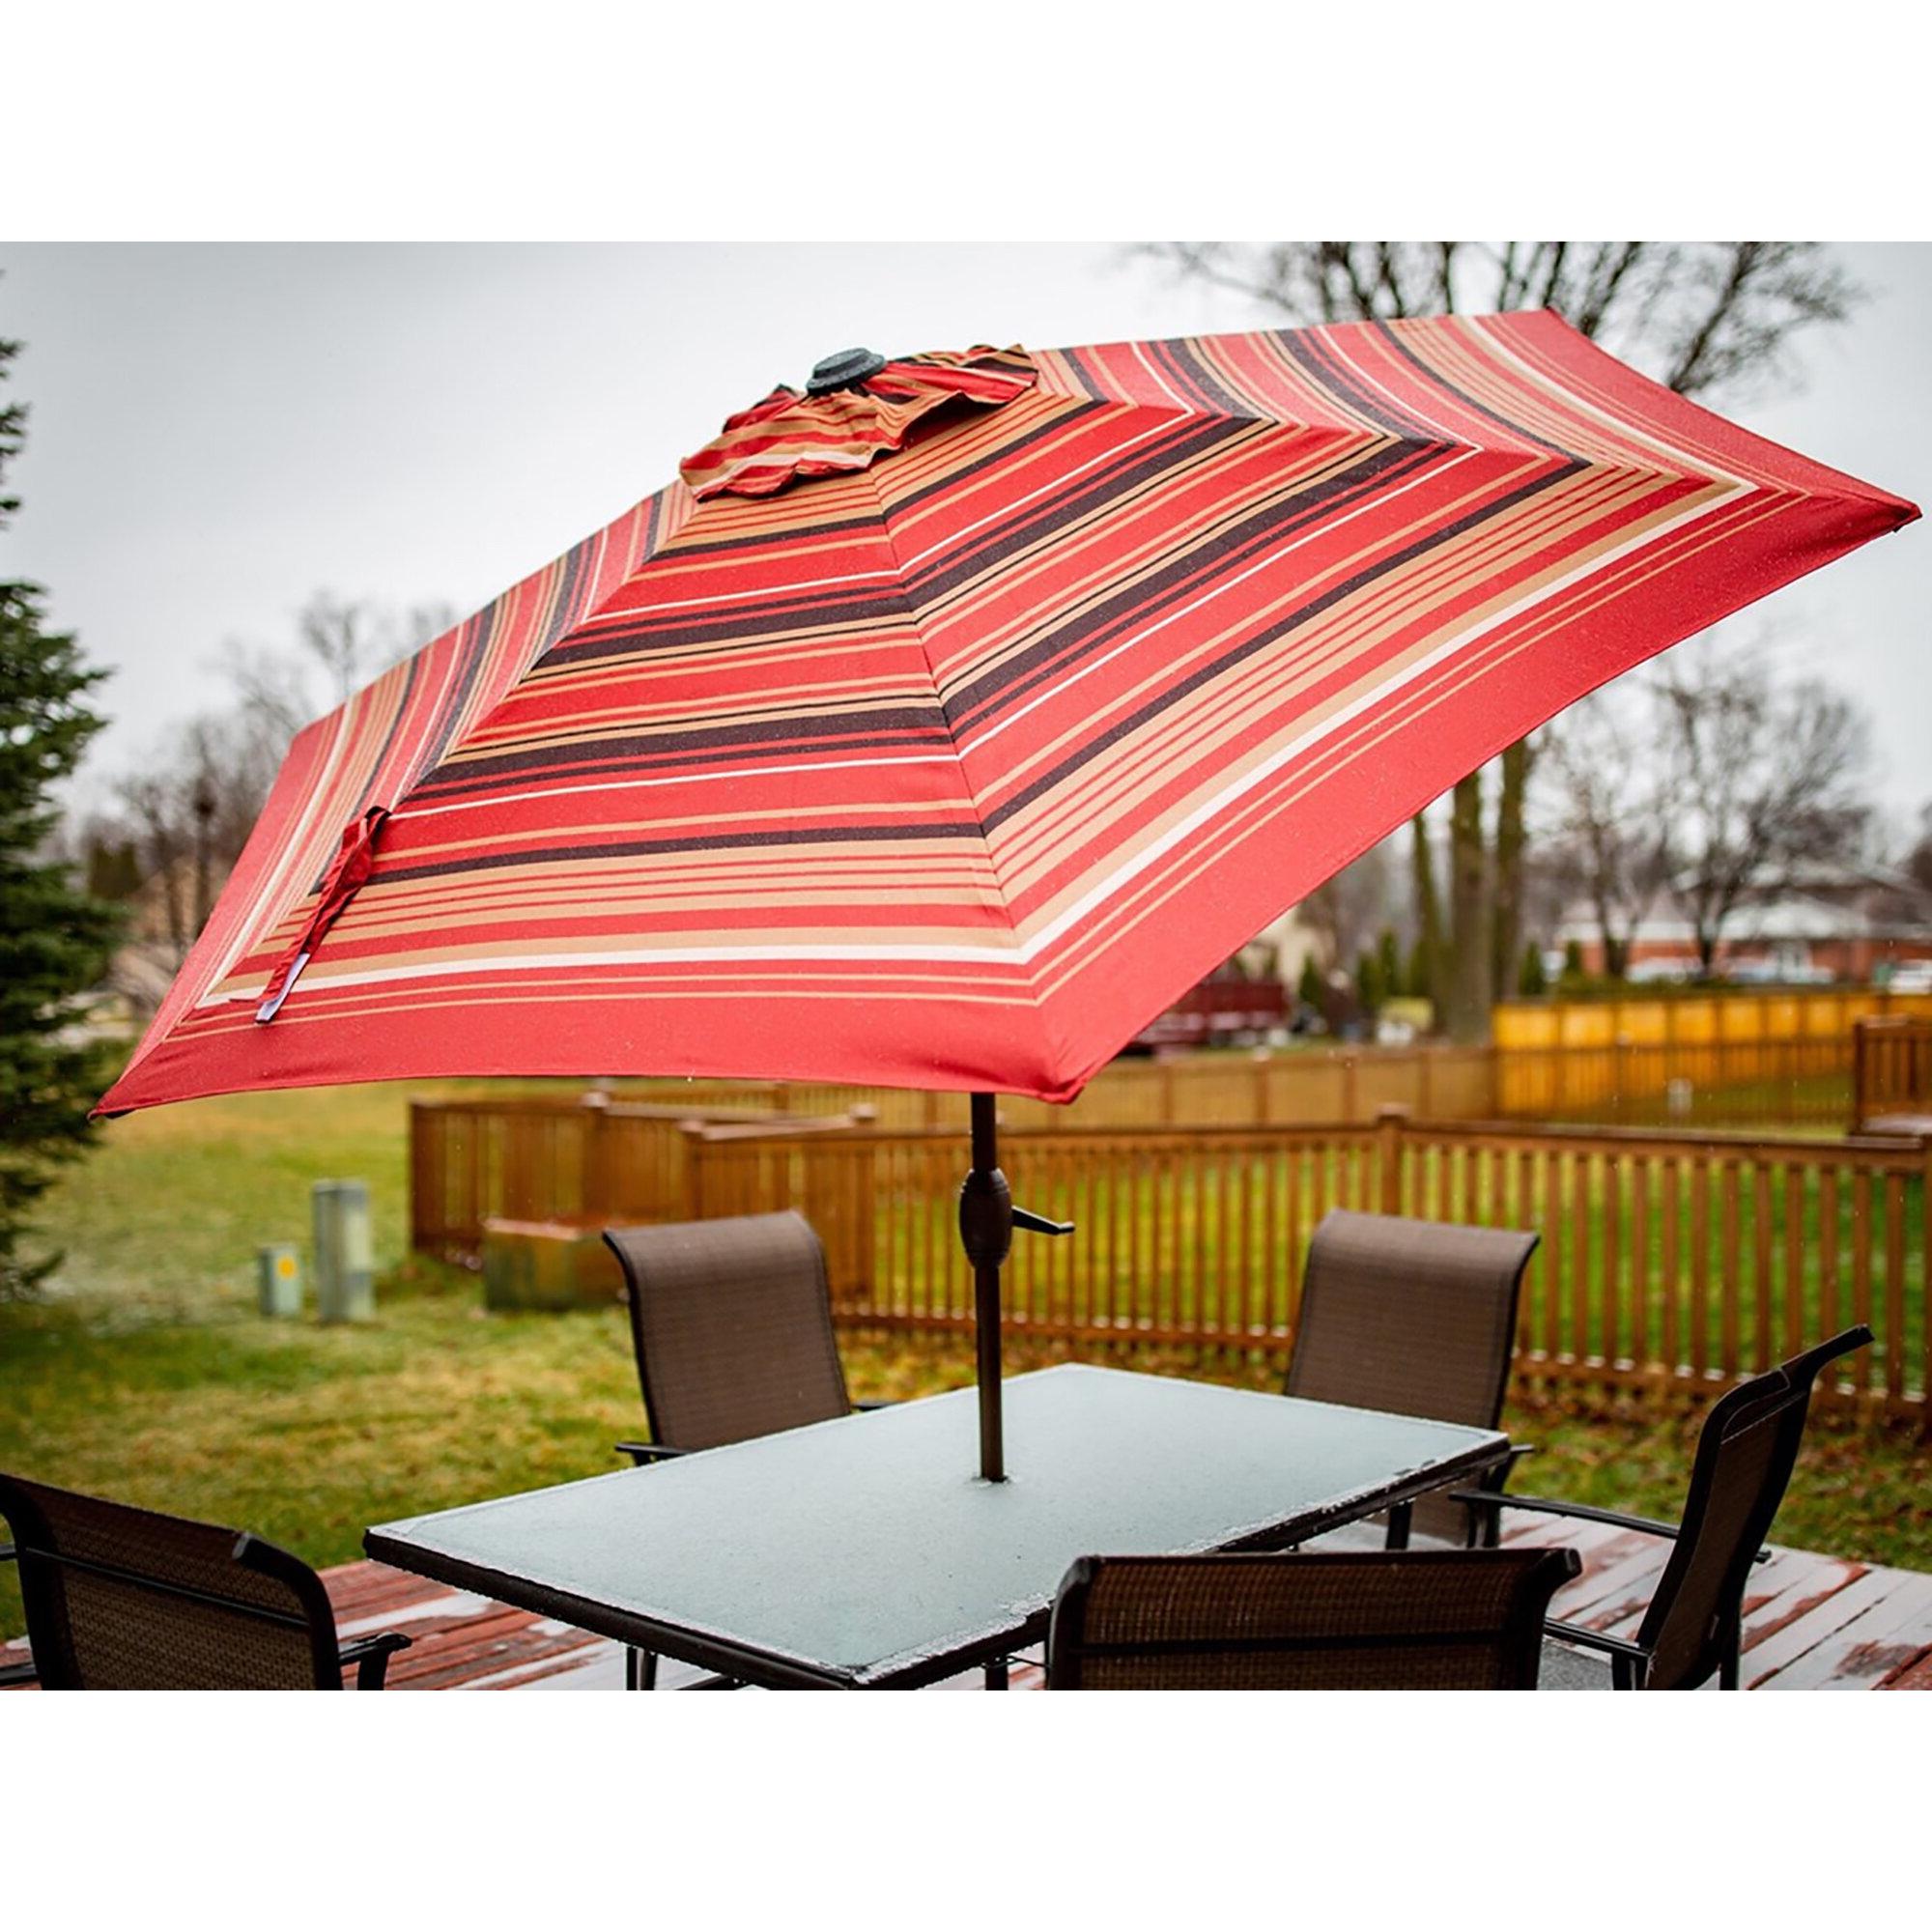 Fleetwood Market Umbrellas With Regard To Most Current Filey 8' Market Umbrella (View 7 of 20)